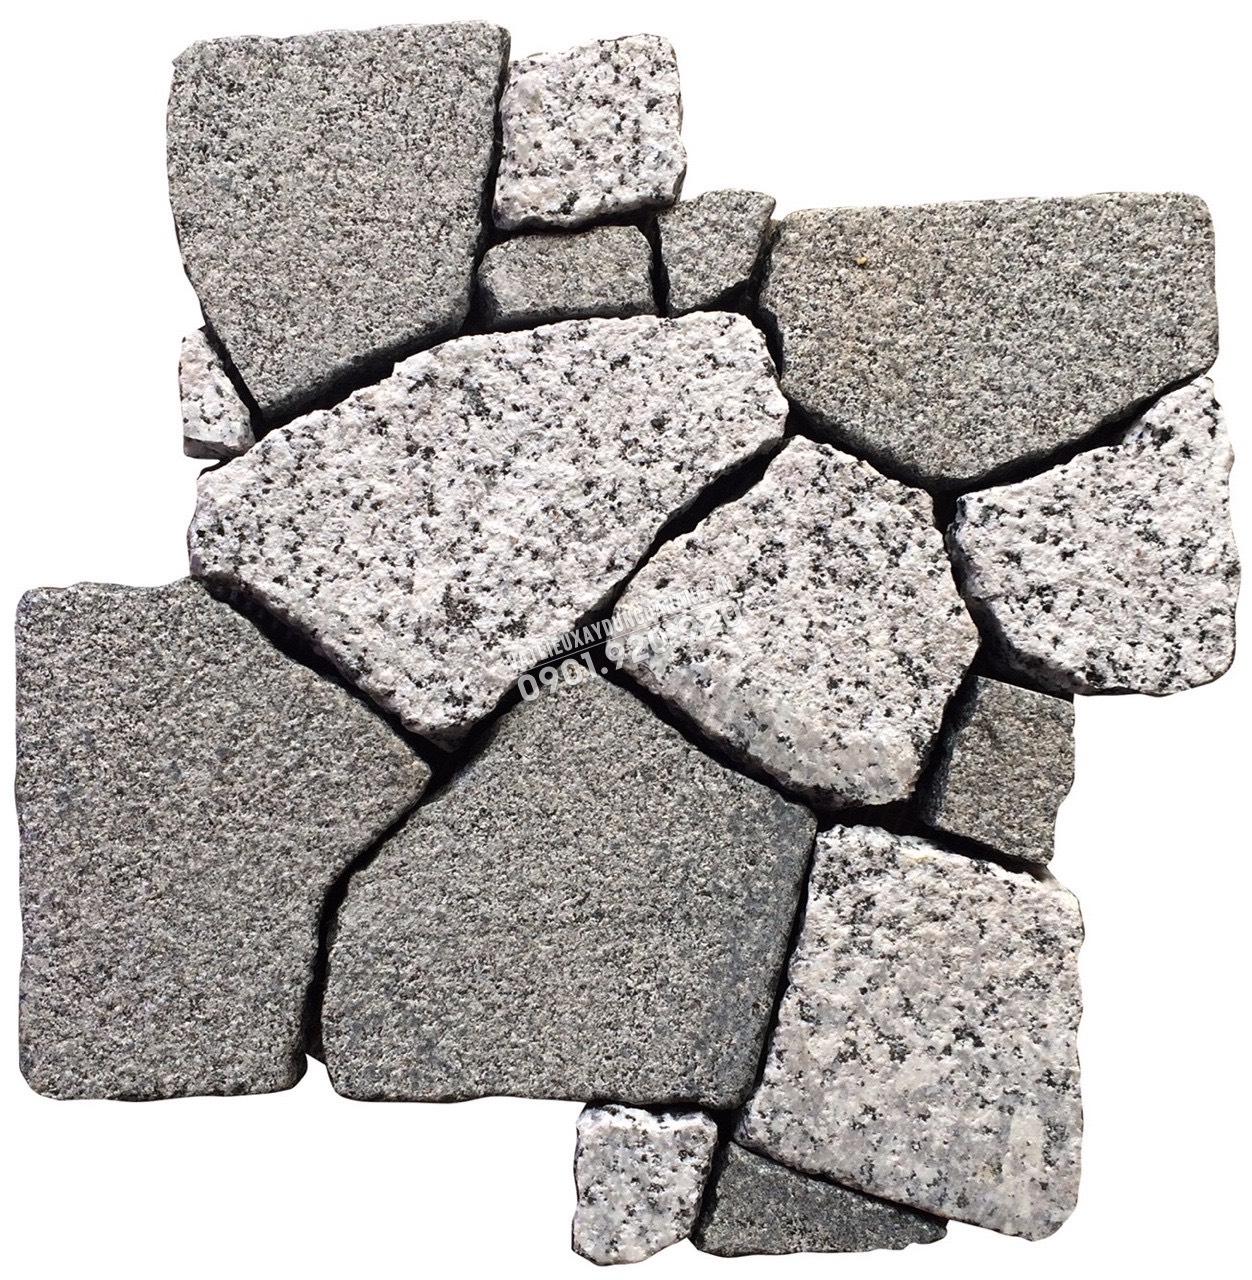 đá mosaic đen trắng khò